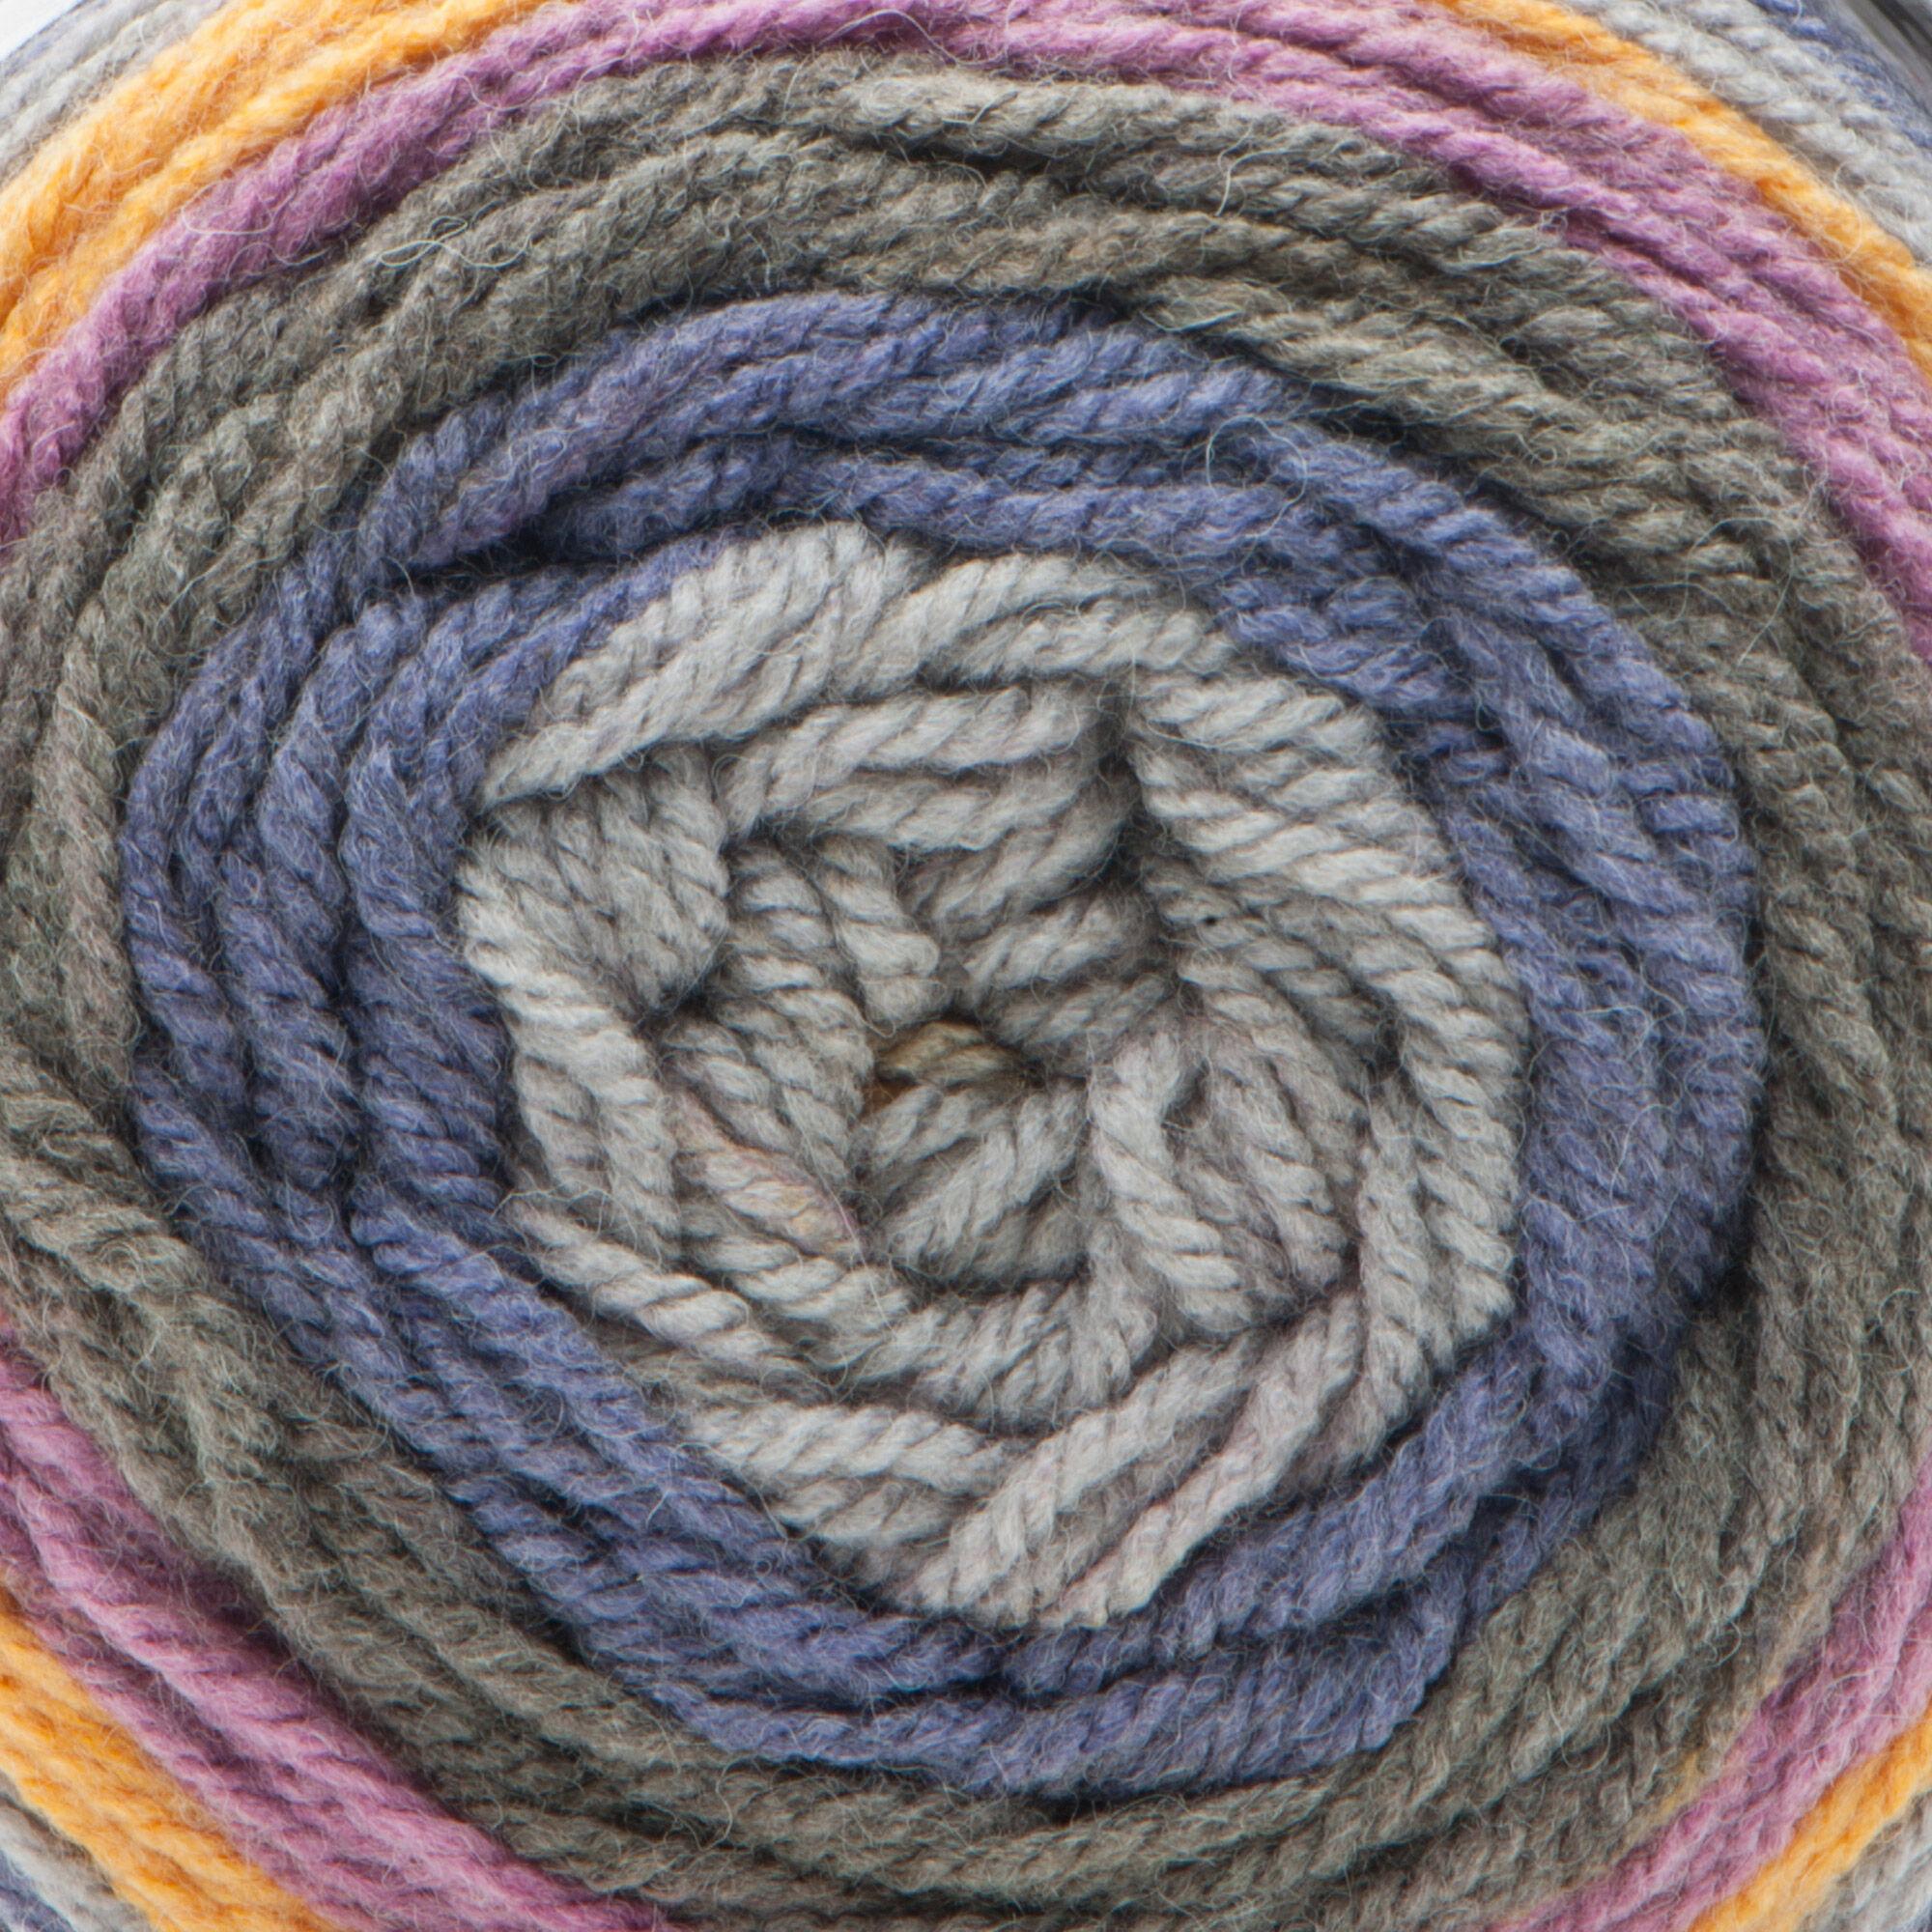 Caron Cakes Yarn, Plum Crisp - Clearance Shades